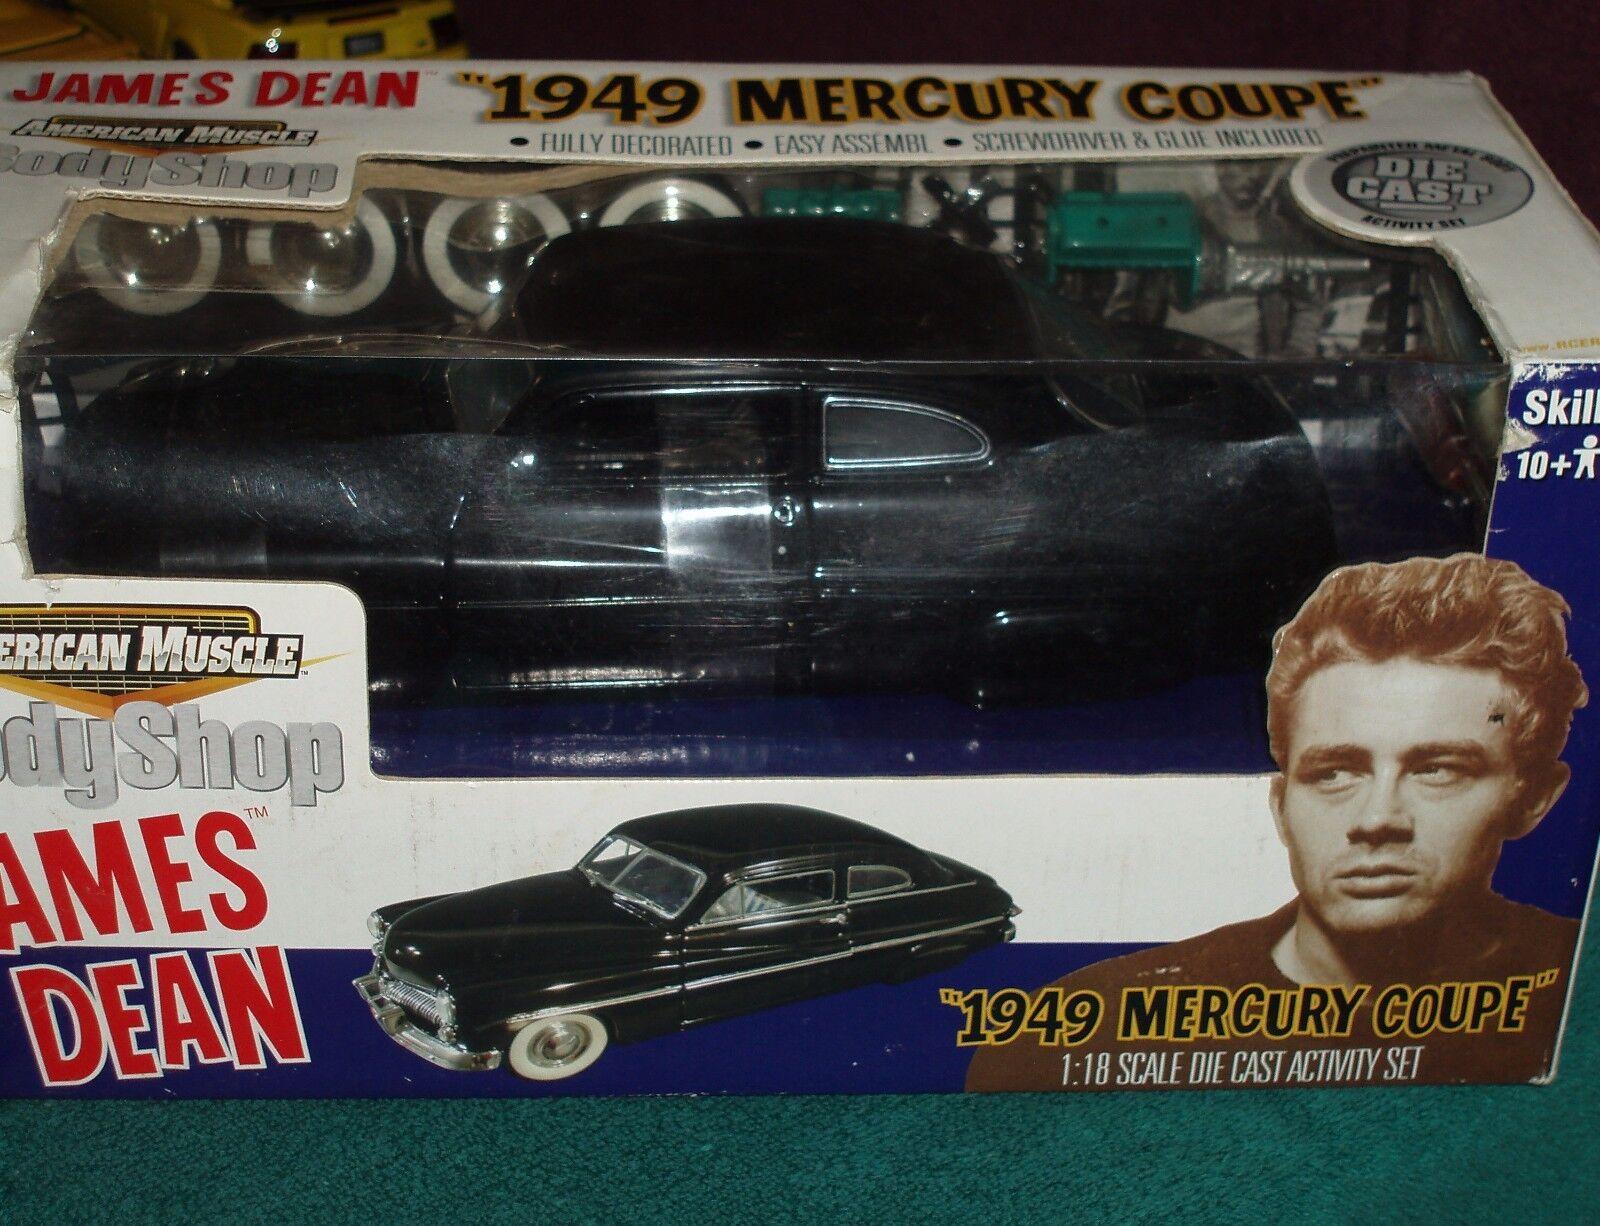 James Dean 1949 Mercury Coupe  Body shop  Assemblée modèle kit 1 18 Très difficile à trouver